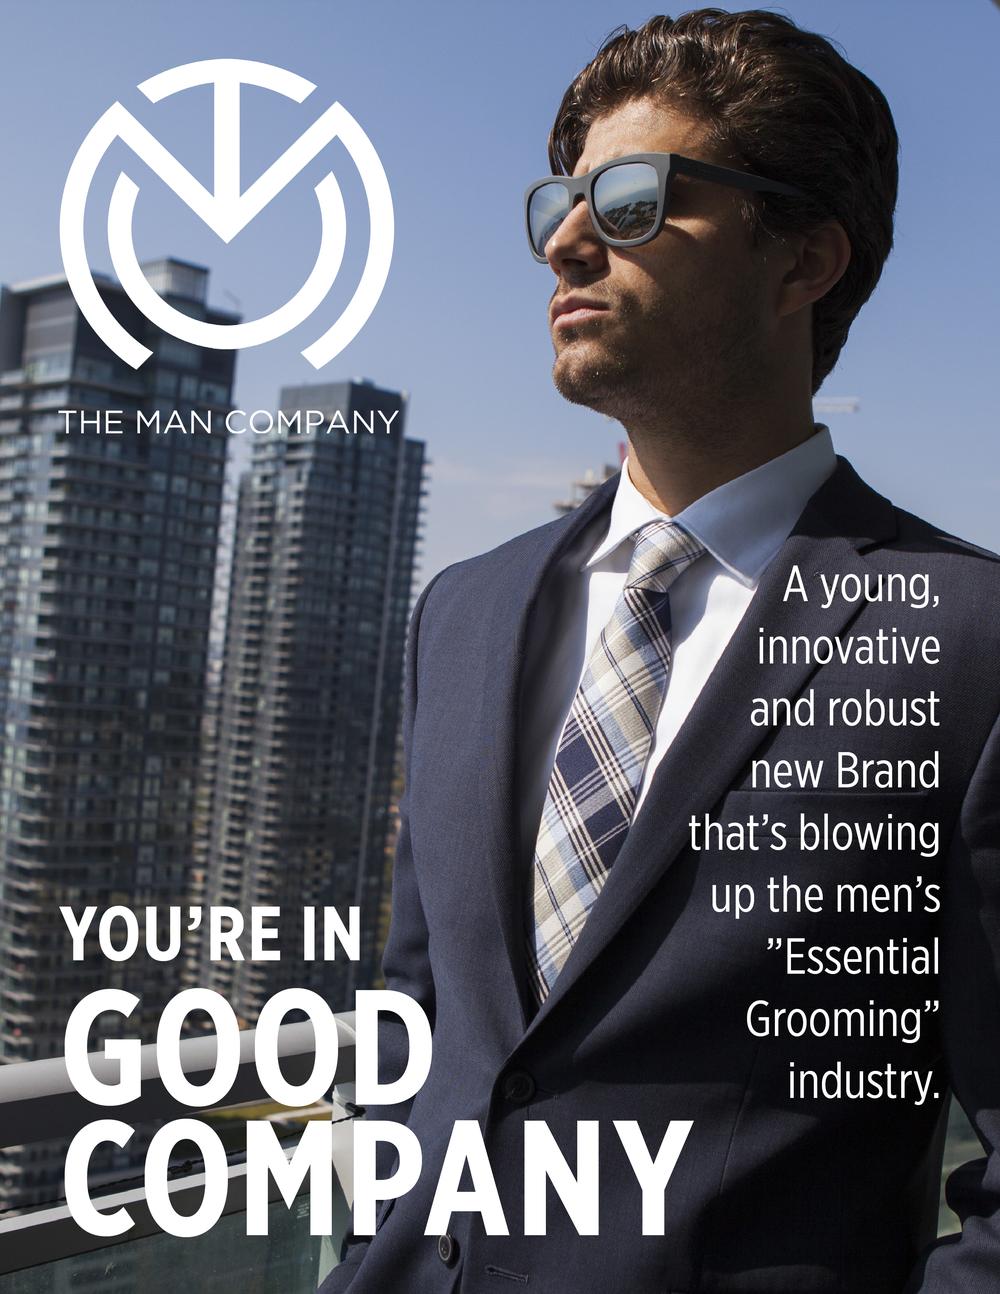 Magazine_TheManCompany (1)-01.png